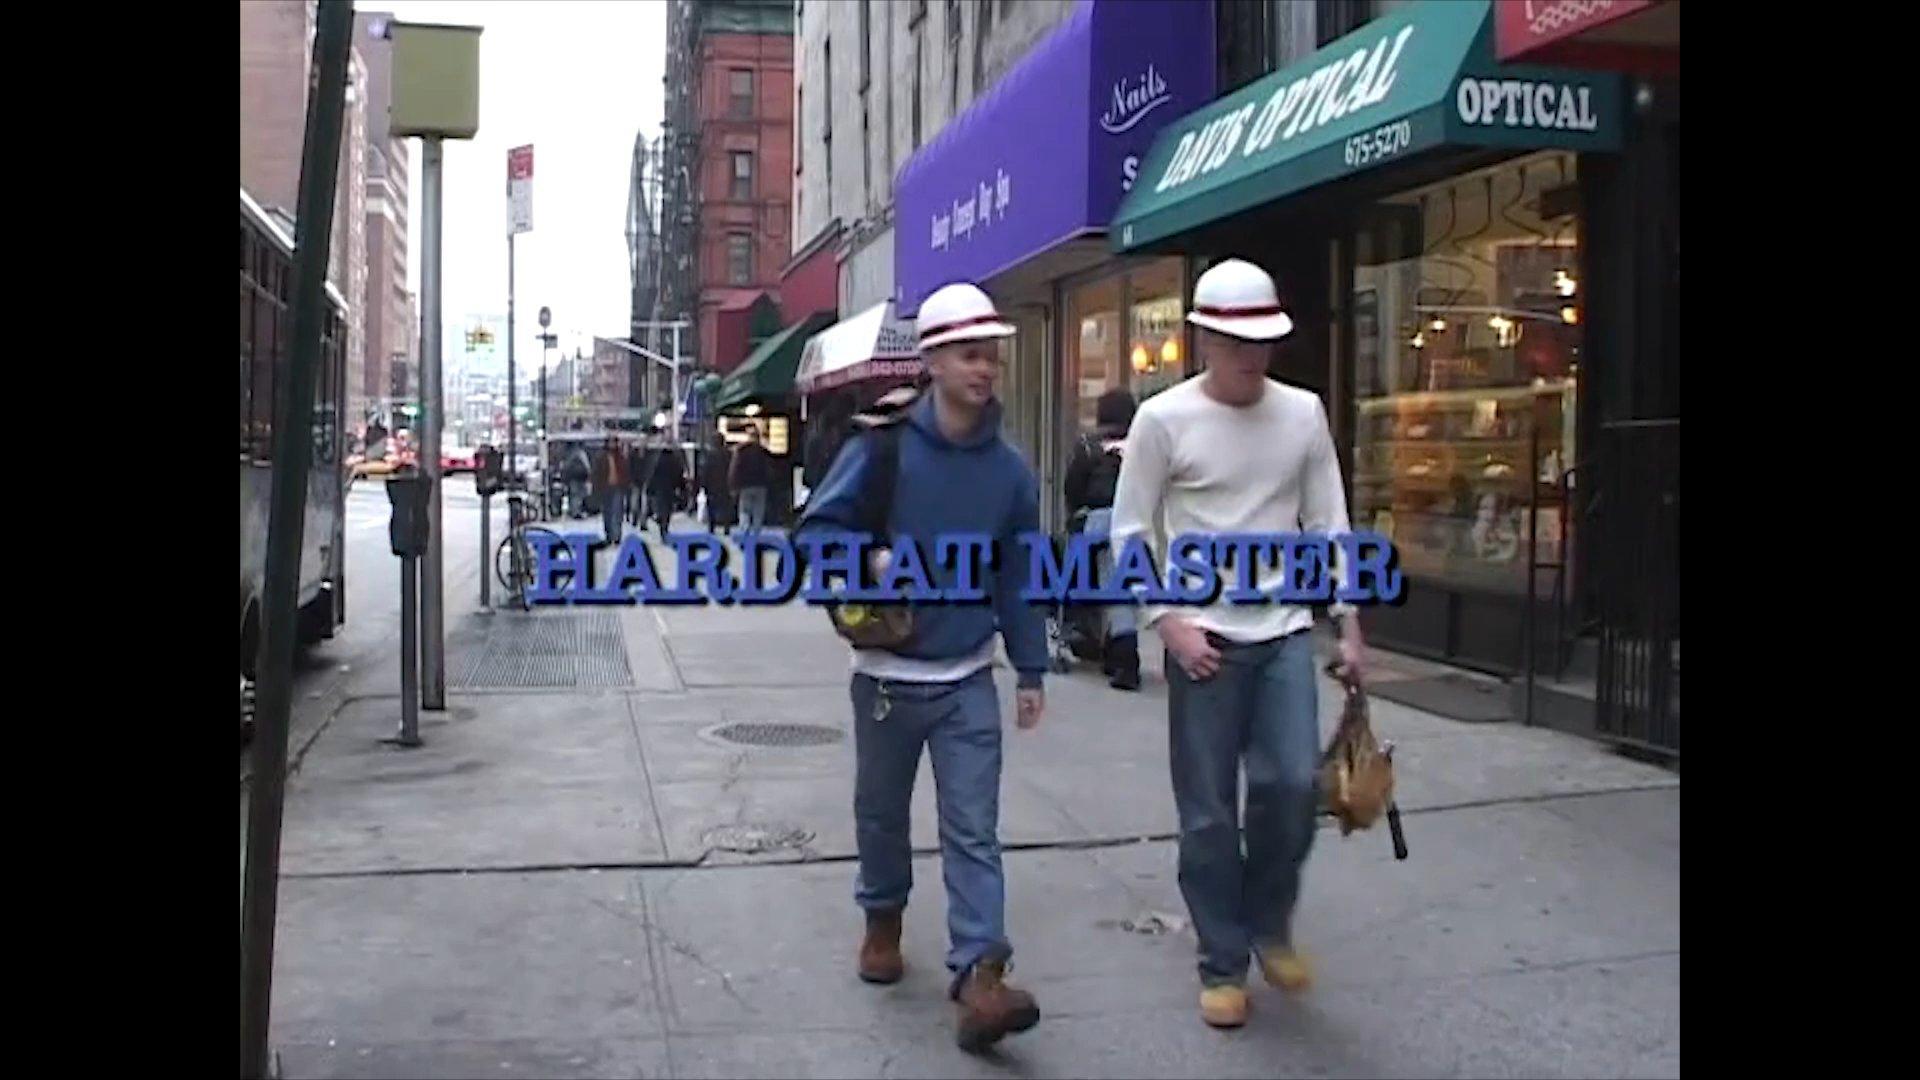 Hardhat Master: When Worlds Collide